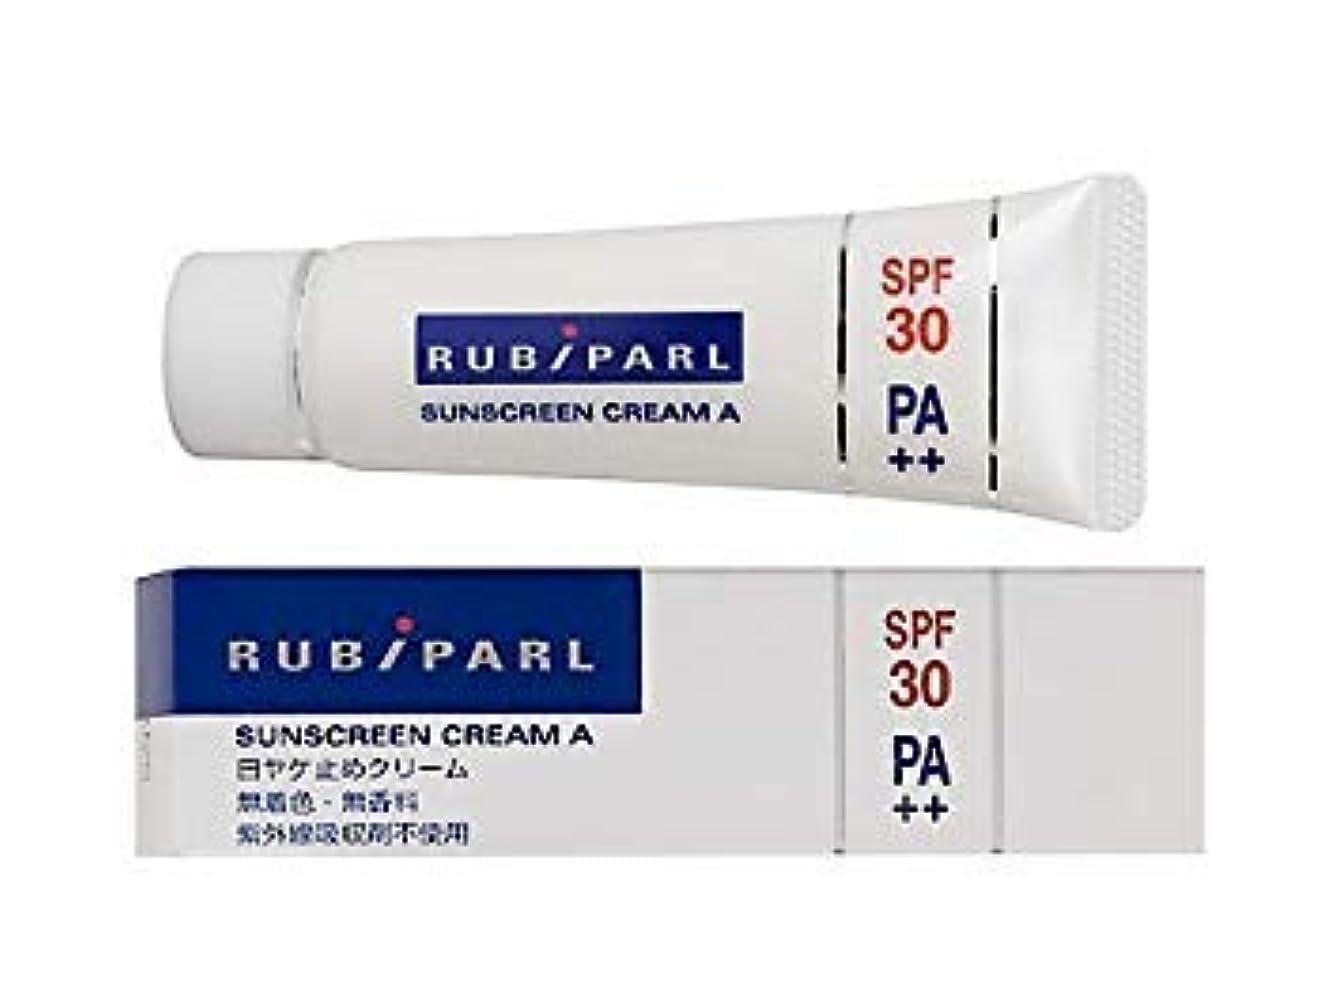 スリム顔料添加ルビパール サンスクリーンクリームA 30g×4個セット